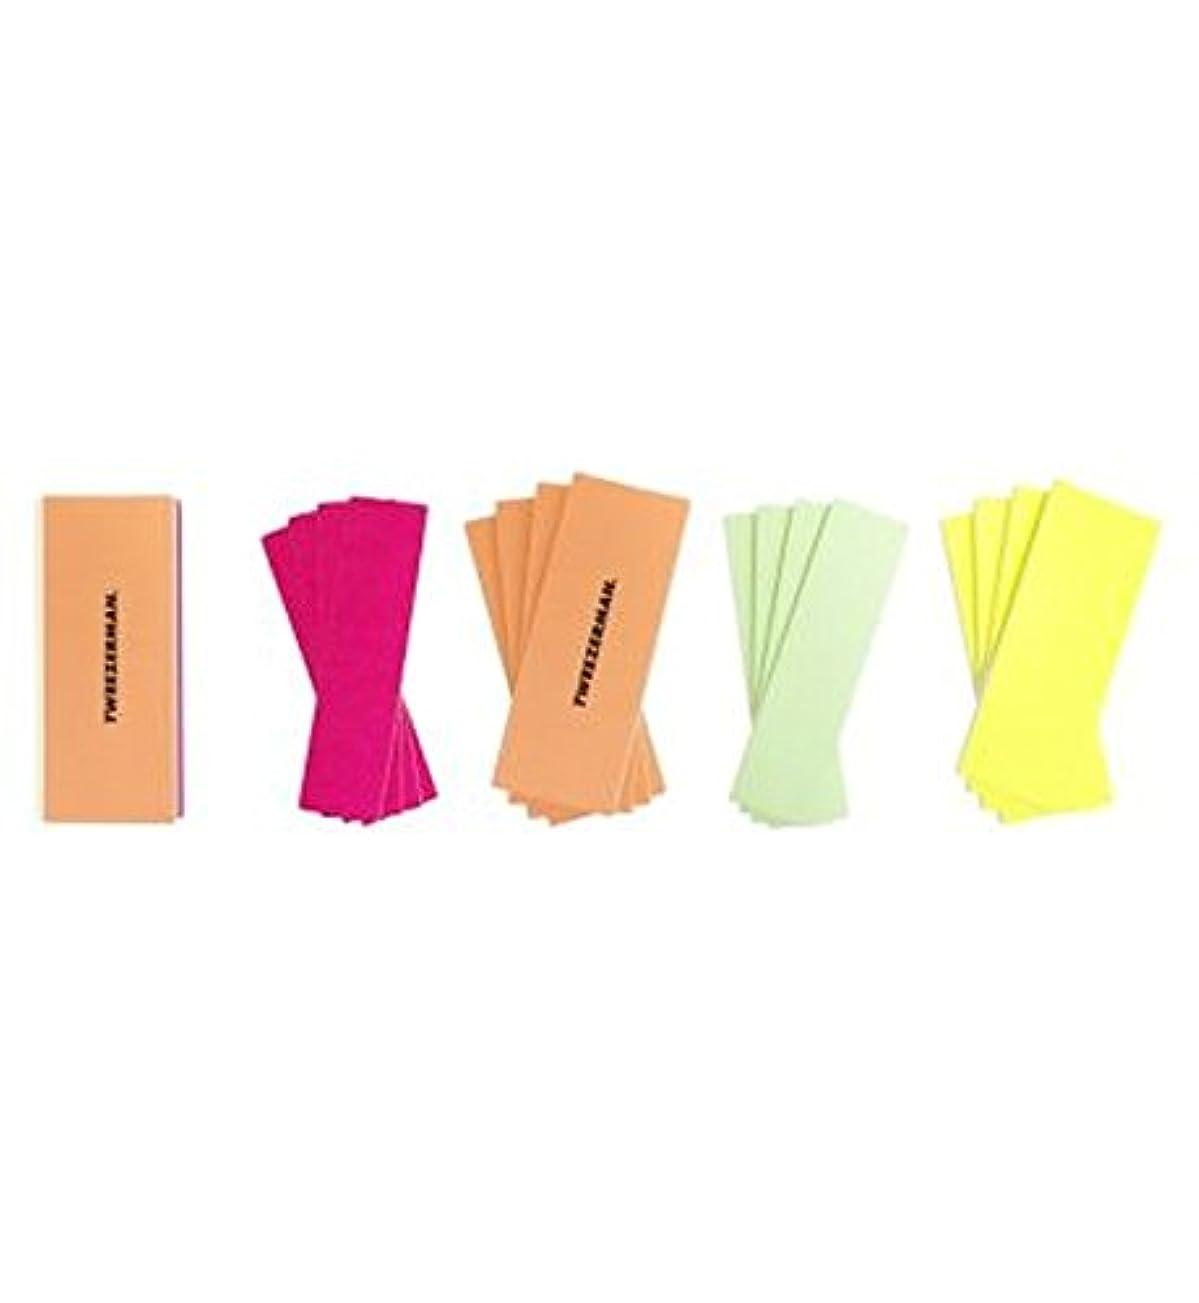 コロニアル圧力ペストTweezerman Neon Hot File, Smooth, Buff & Shine Block - ツィーザーマンネオンホットファイル、滑らかで、バフ&輝きブロック (Tweezerman) [並行輸入品]